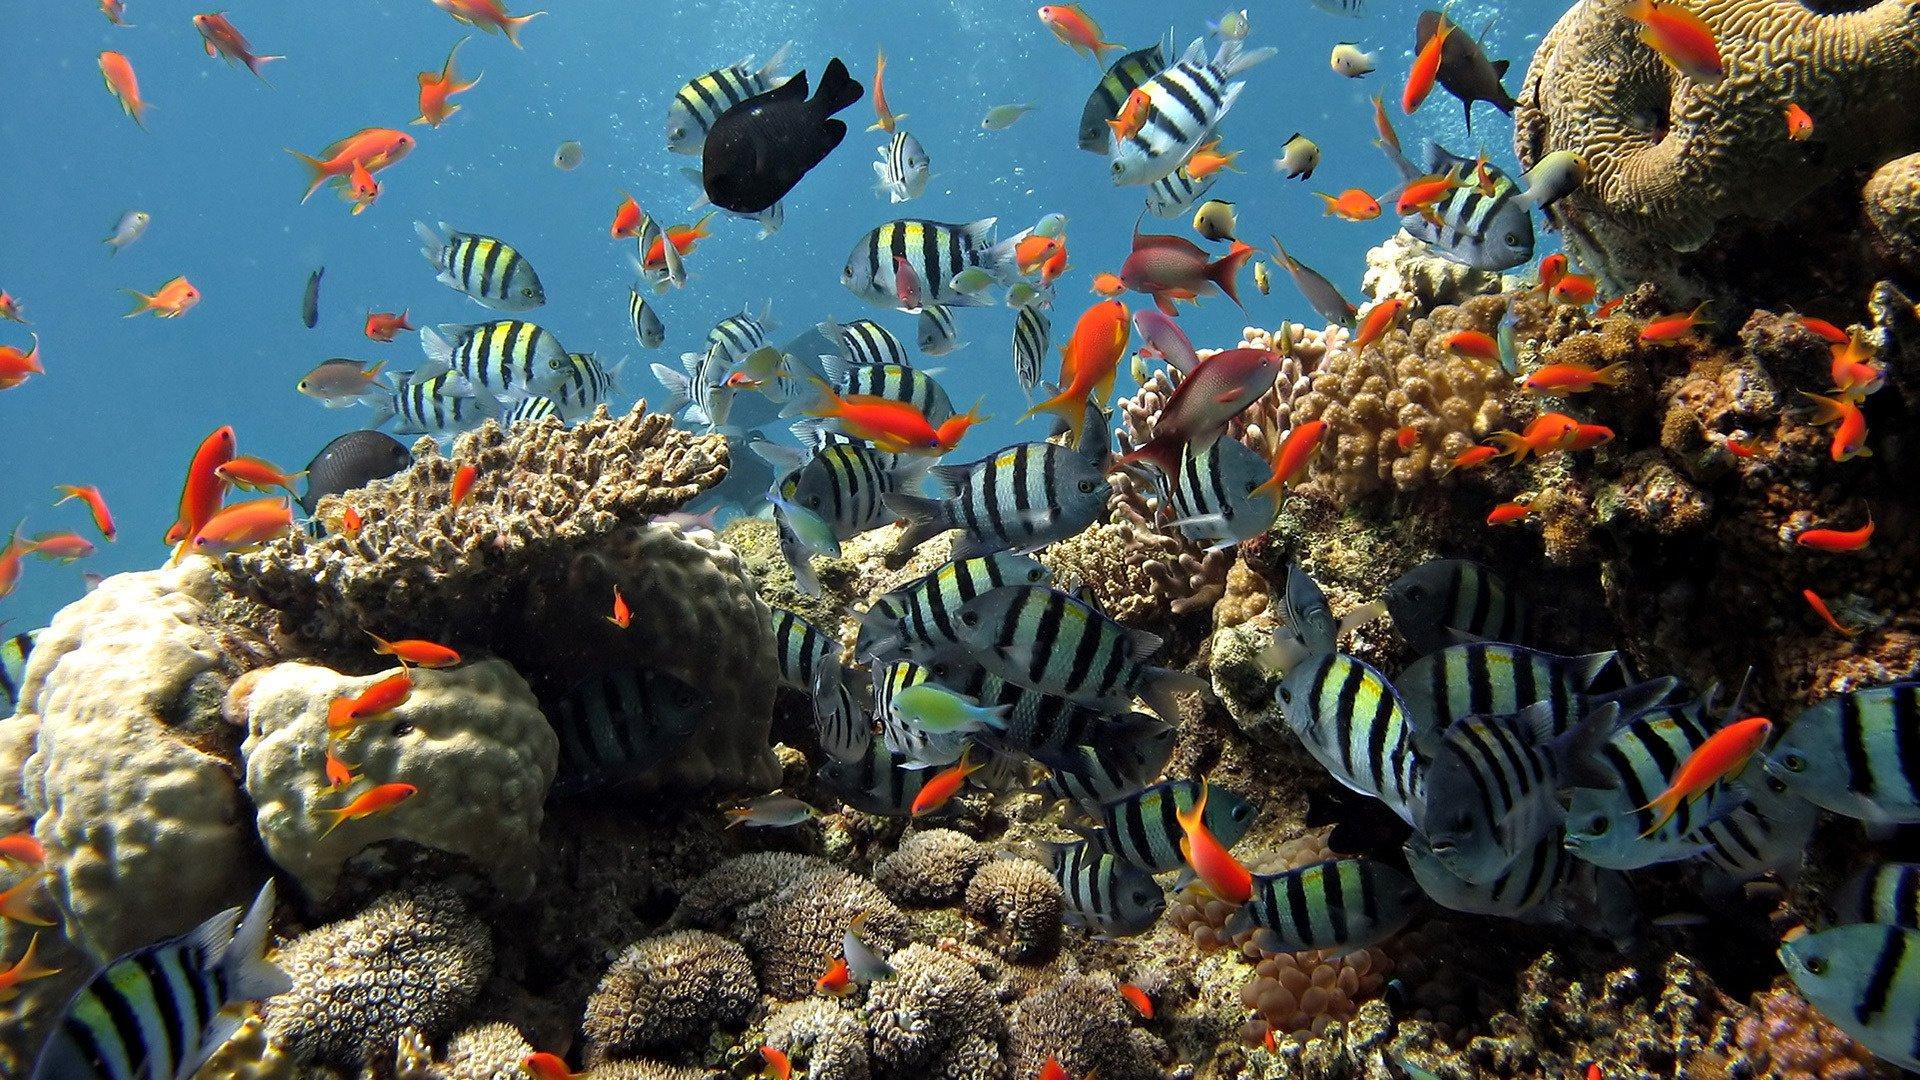 conservación de los oceanos